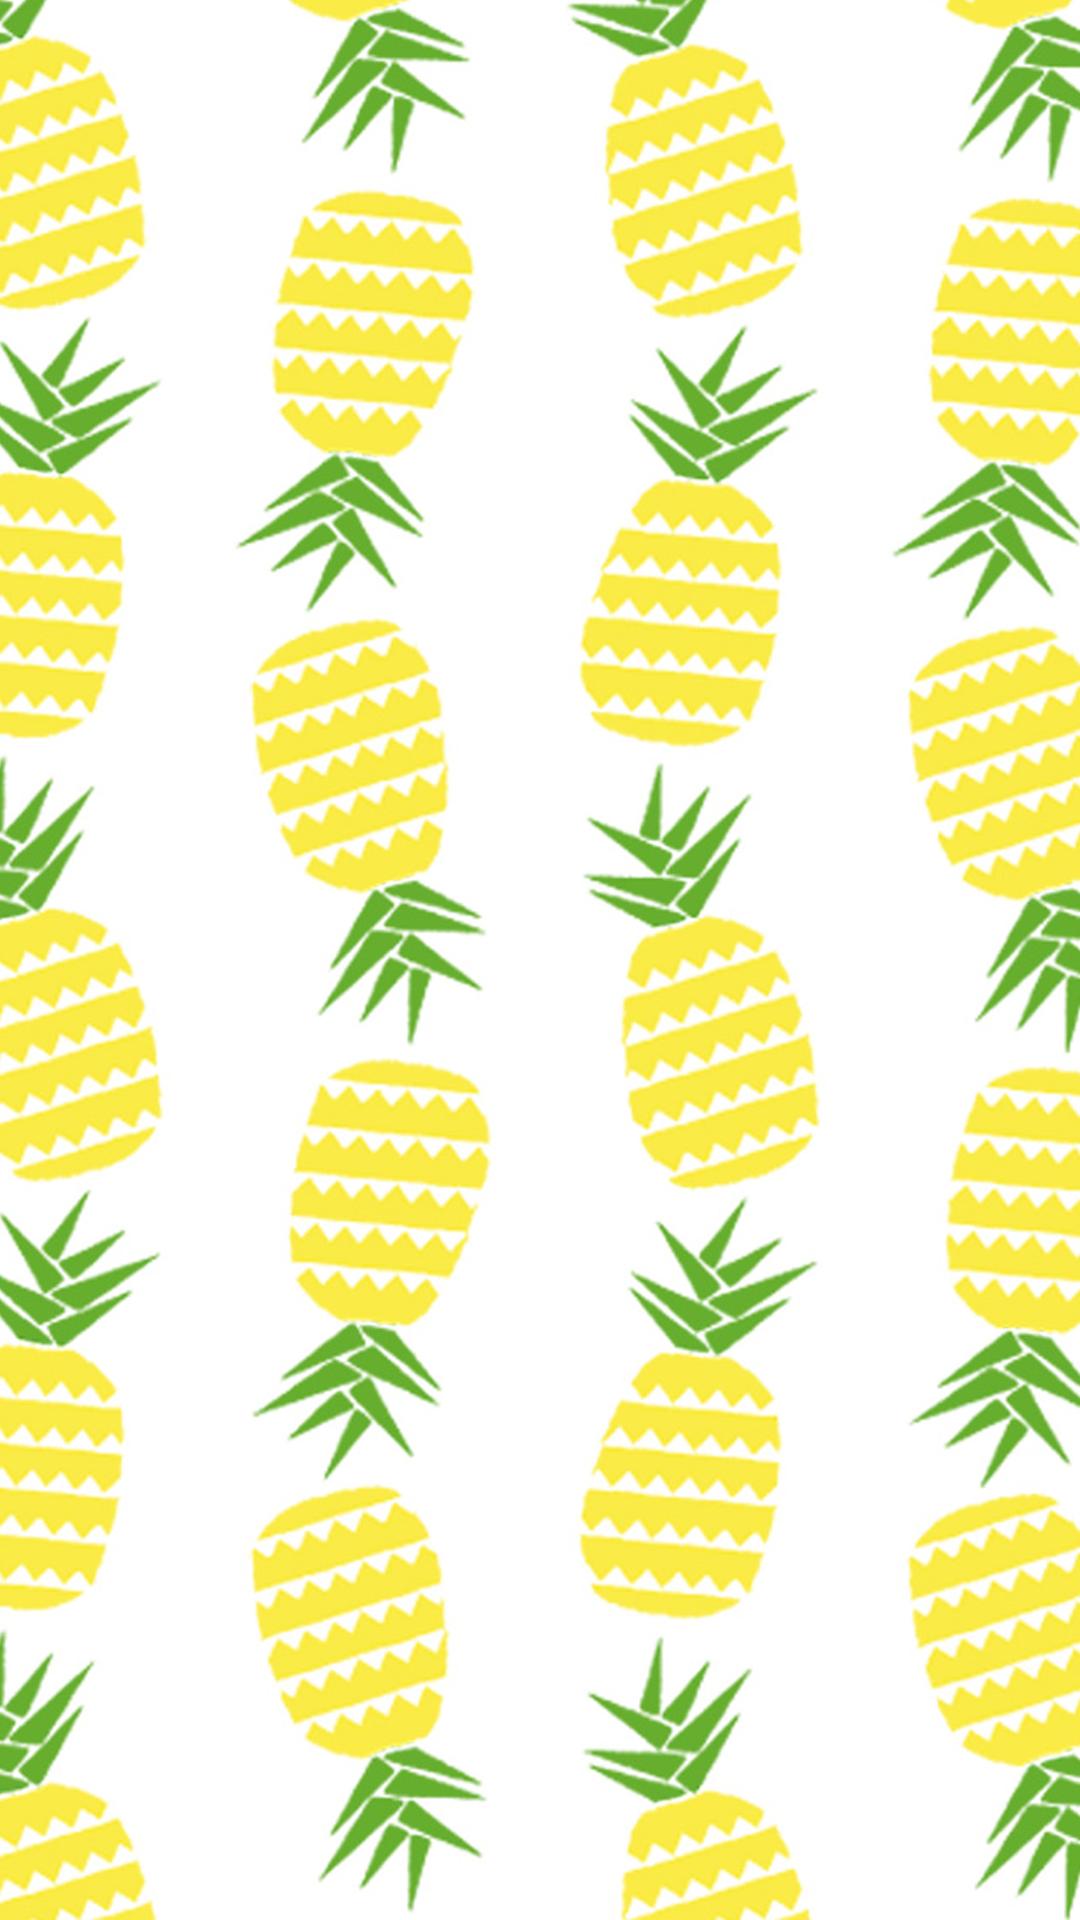 Dressupyourtech Cute Screen Savers Pineapple Wallpaper Screen Savers